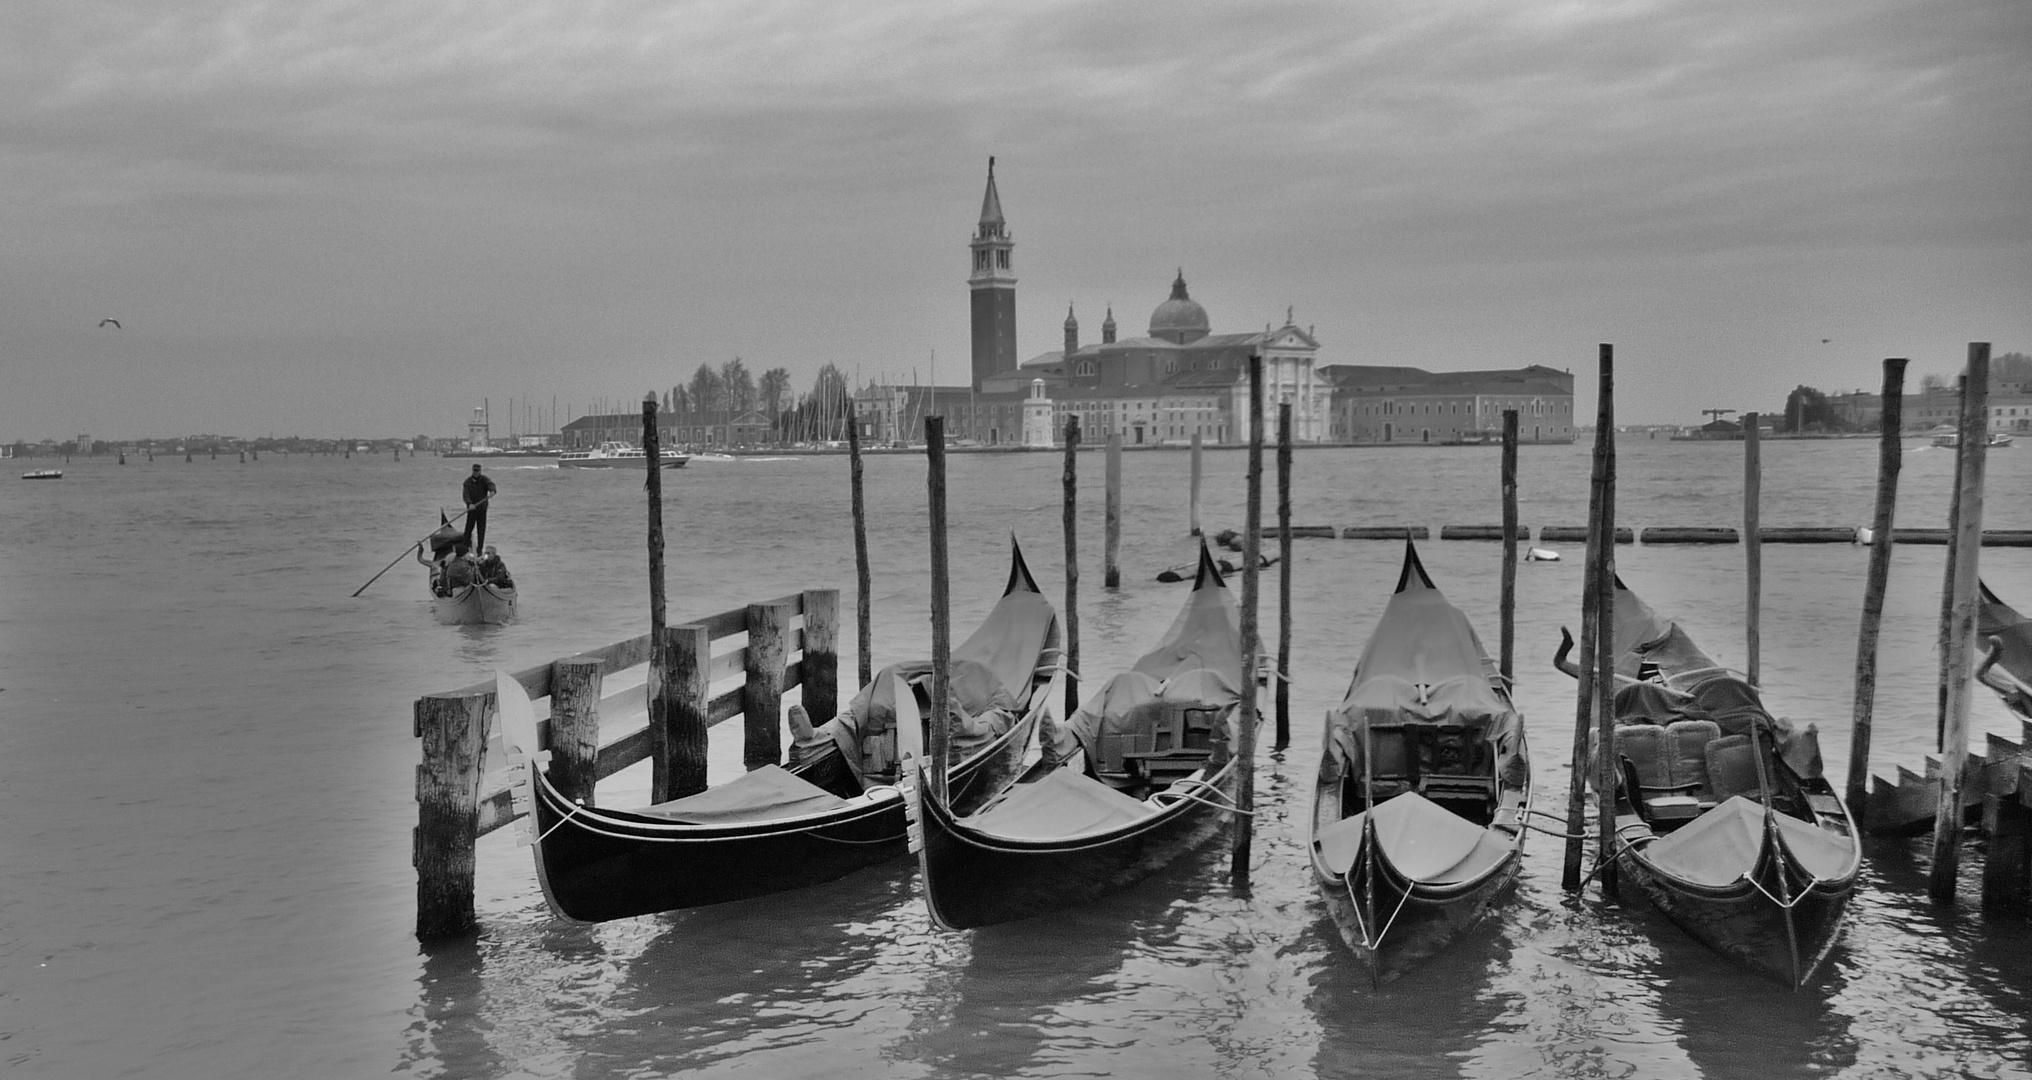 Venezia en blanco y negro